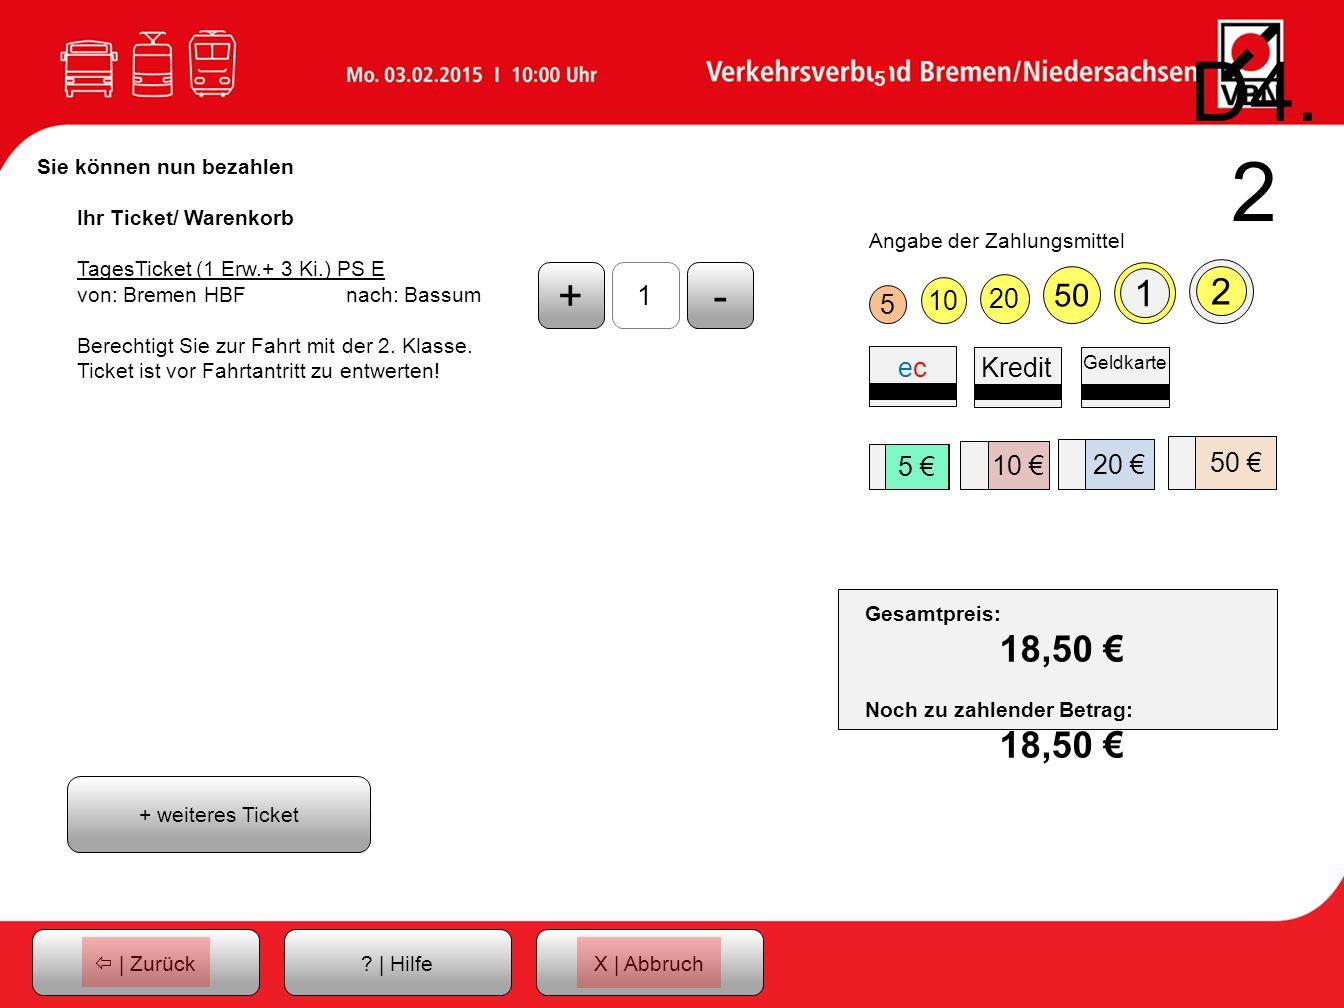 D4.2 Sie können nun bezahlen. Ihr Ticket/ Warenkorb. TagesTicket (1 Erw.+ 3 Ki.) PS E von: Bremen HBF nach: Bassum.